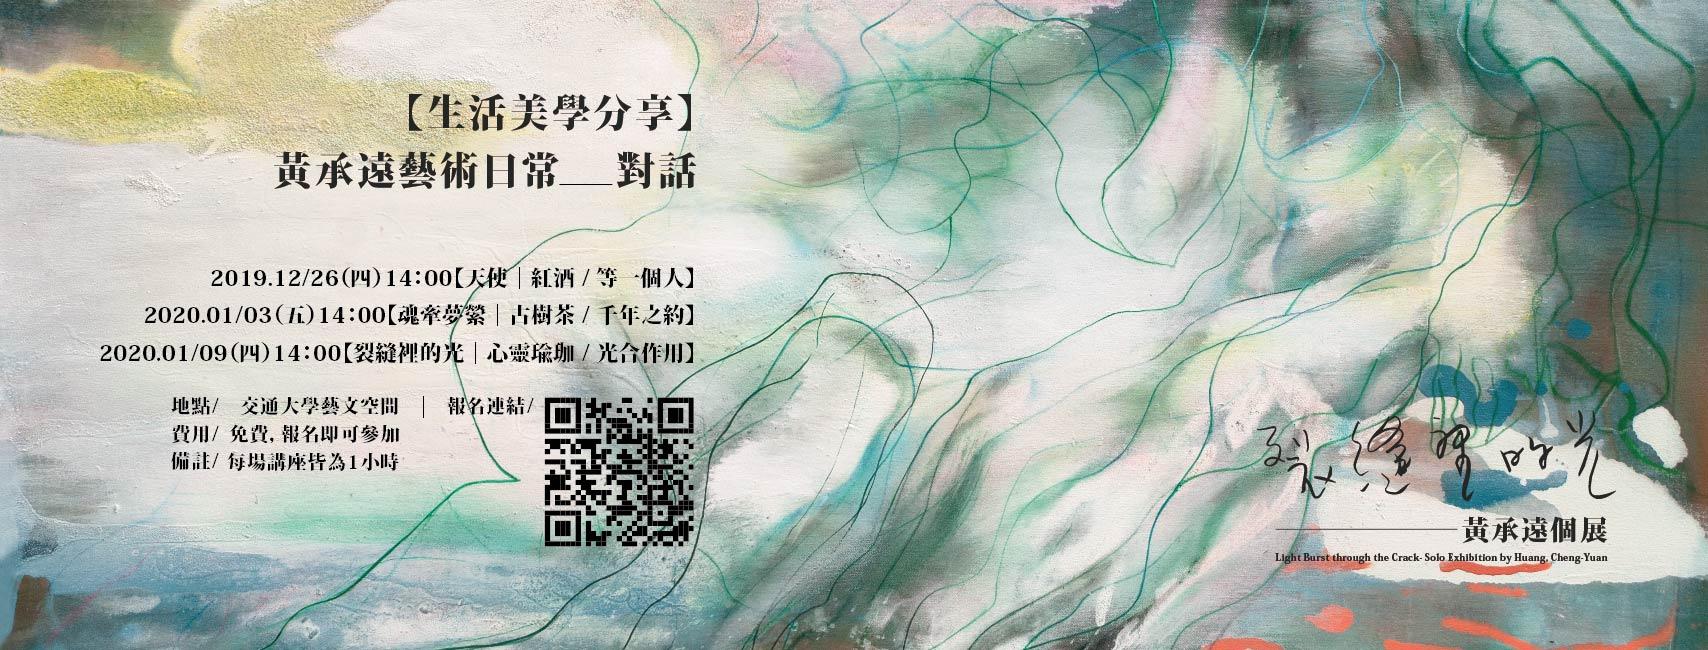 【生活美學分享】黃承遠藝術日常___對話